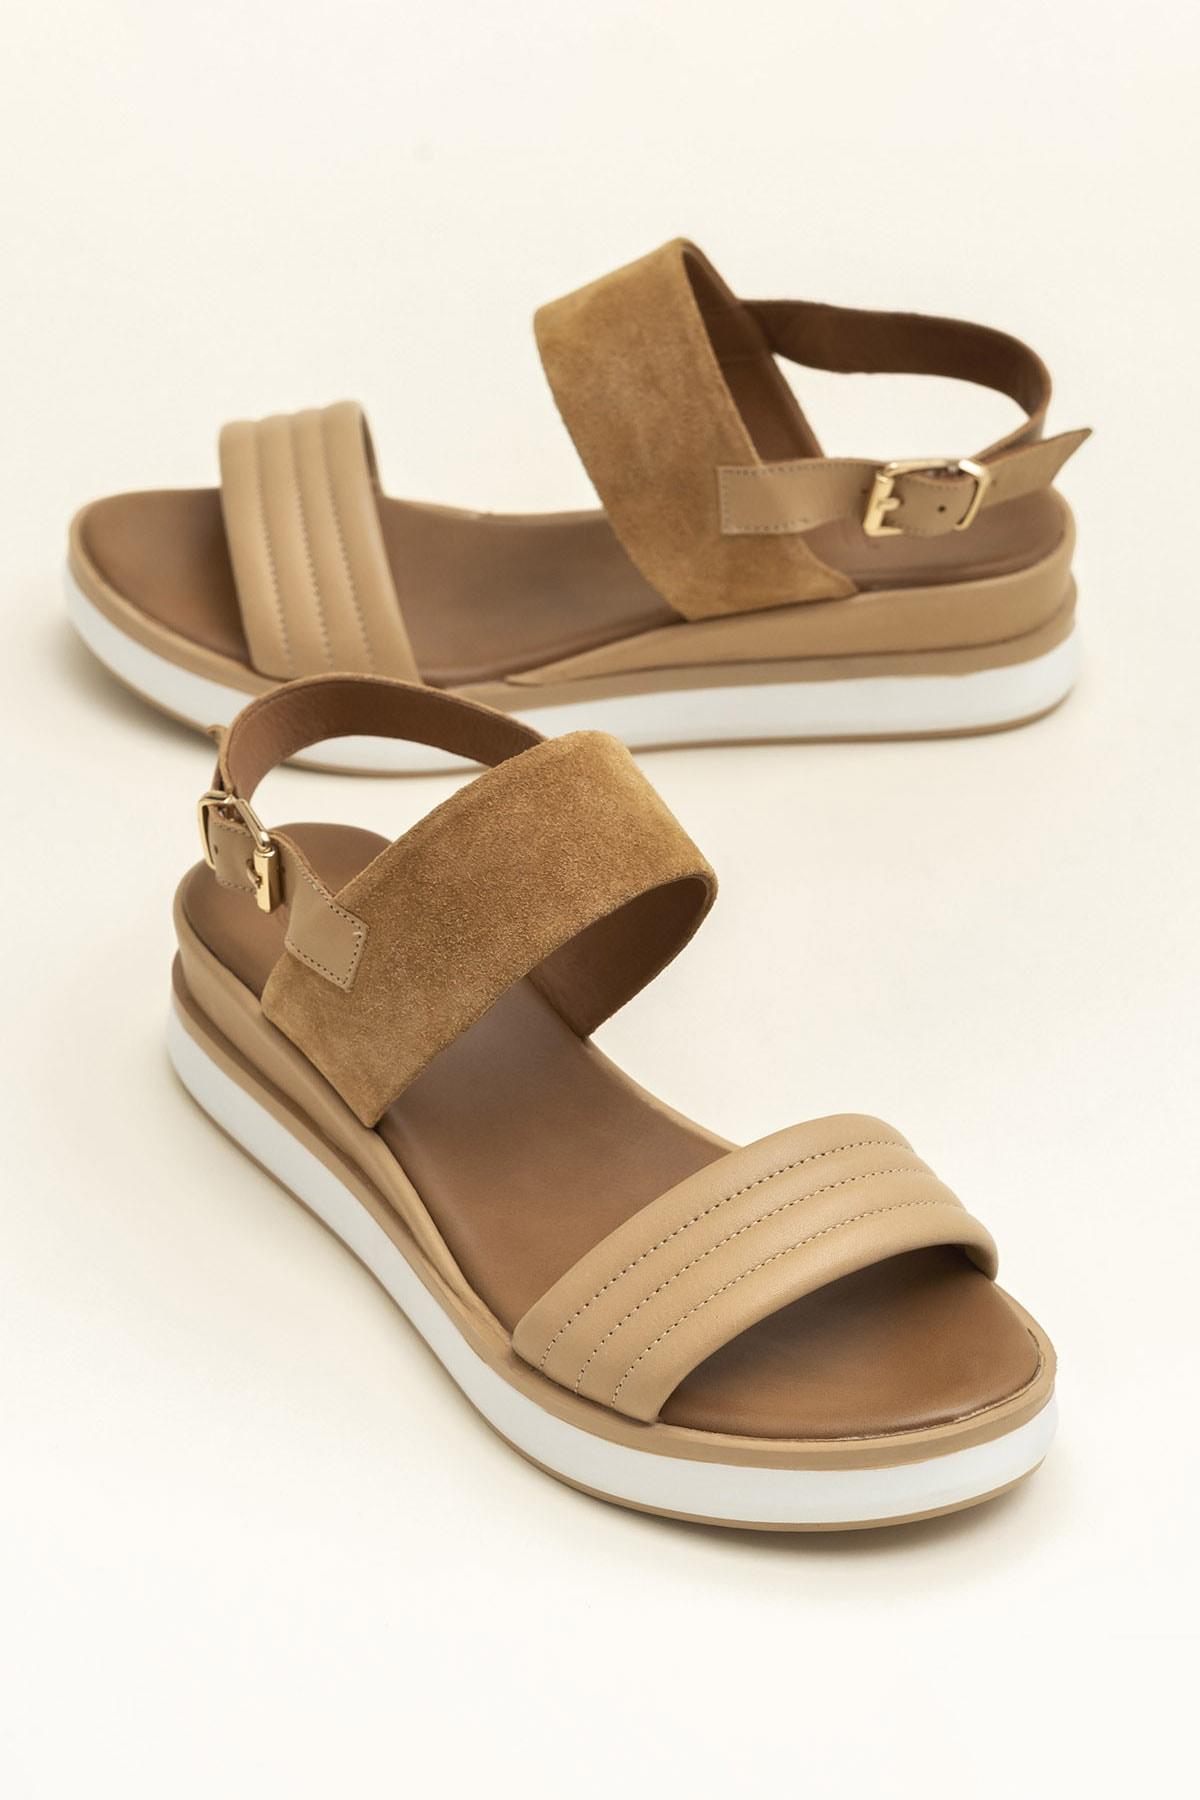 Elle Shoes SUNNIVA Naturel Süet Kadın  20YLT113026 1